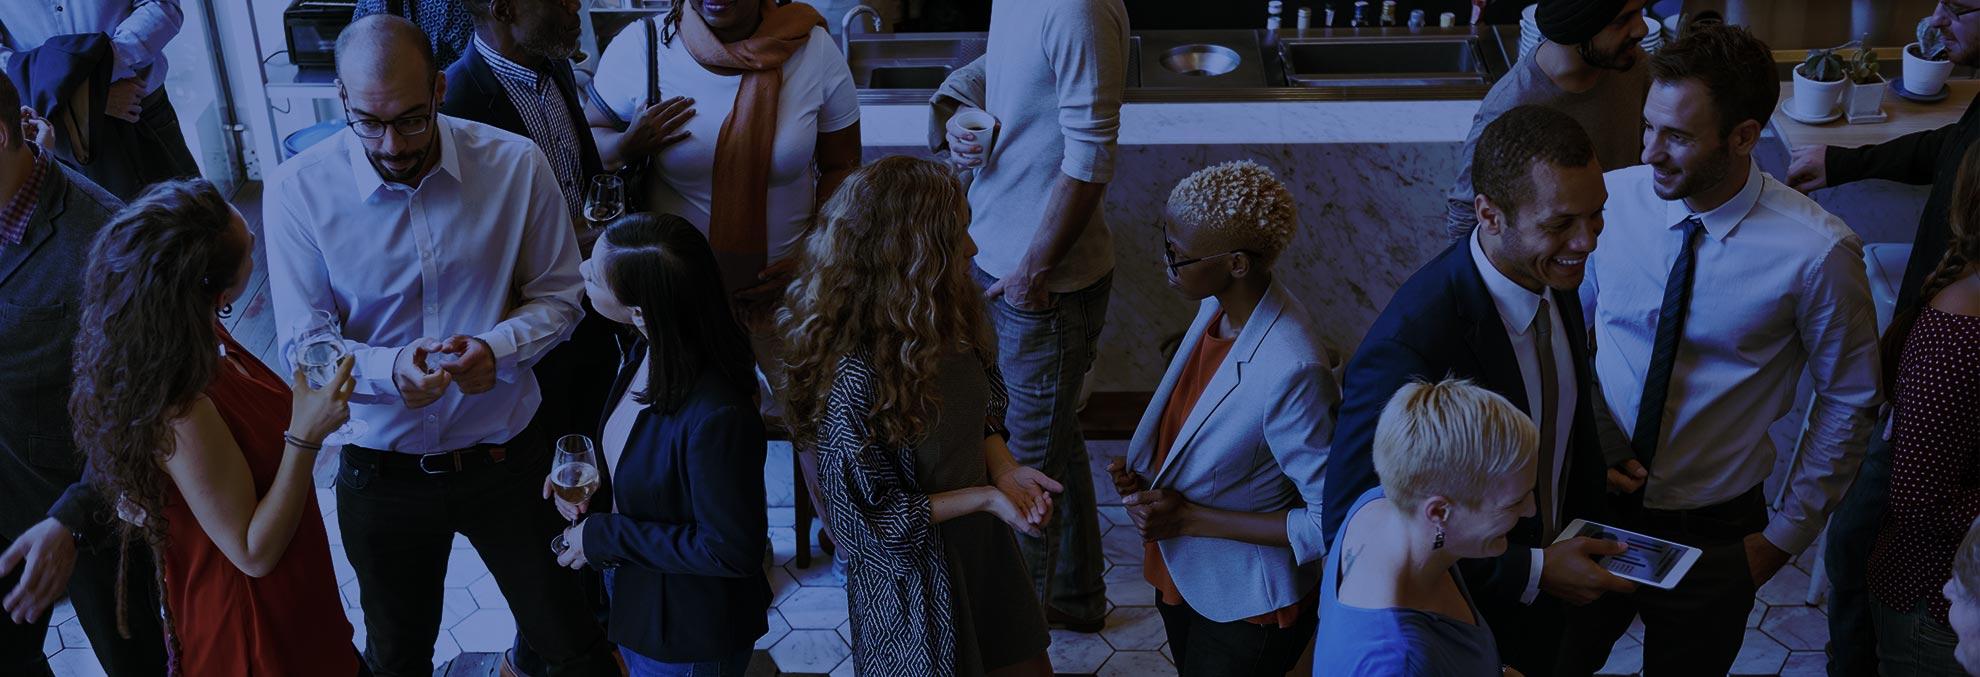 professionnels en train de boire un verre lors d'une soirée d'opportunités professionnelles et de création de réseau